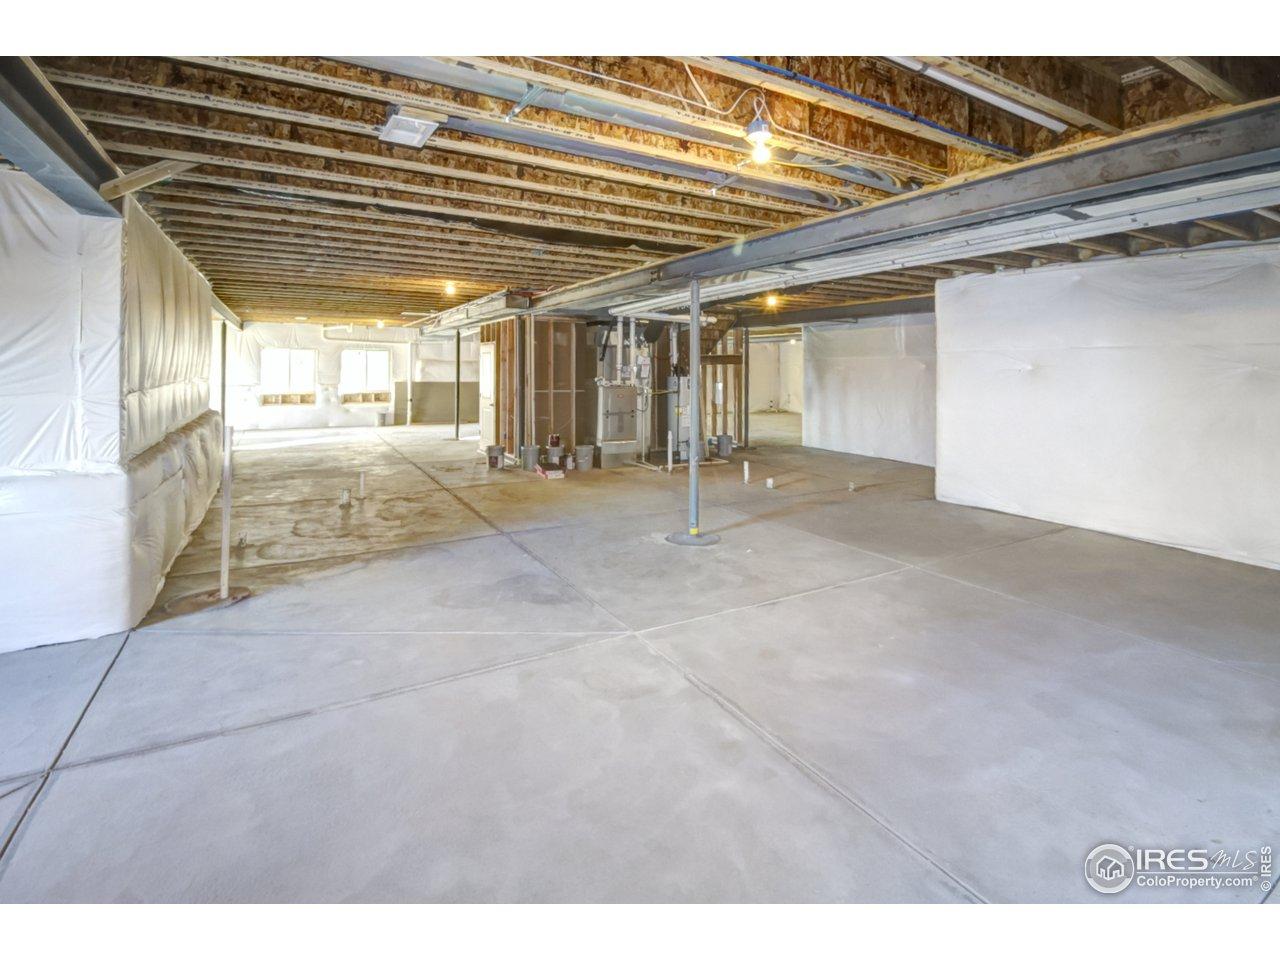 Massive daylight basement (1/3 of it!)